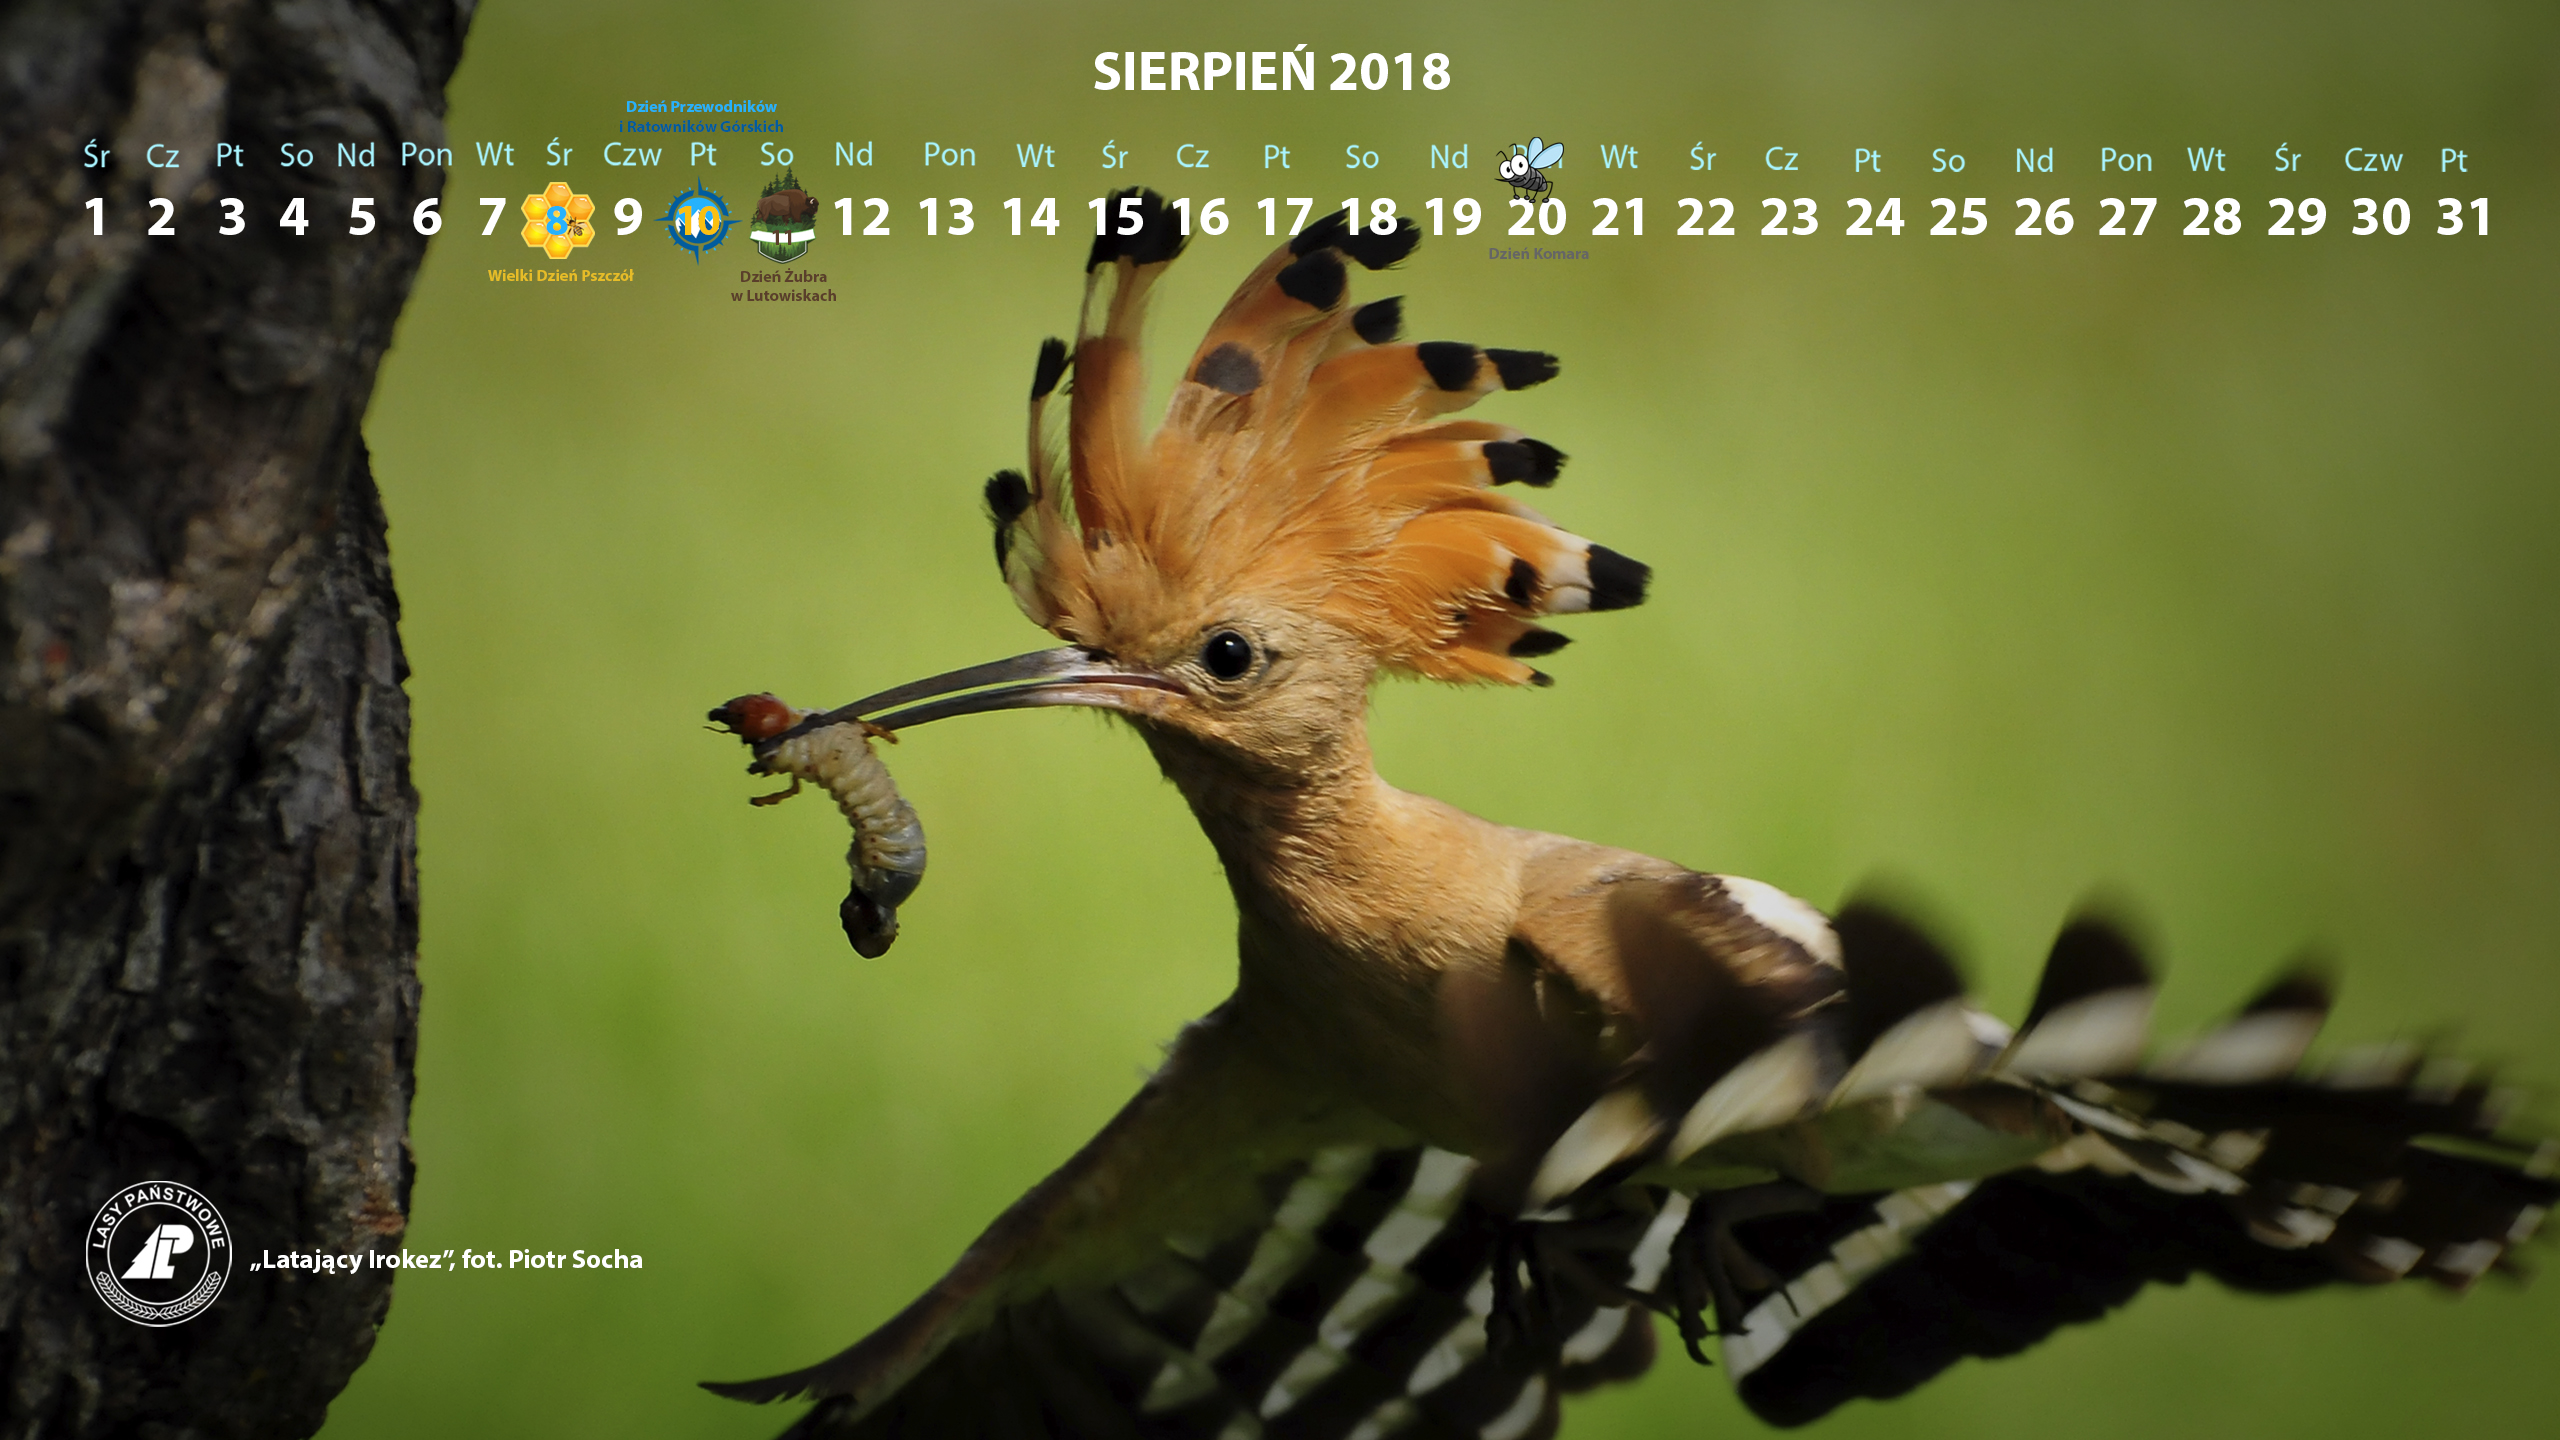 Kalendarz sierpień 2018 2560x1440.jpg